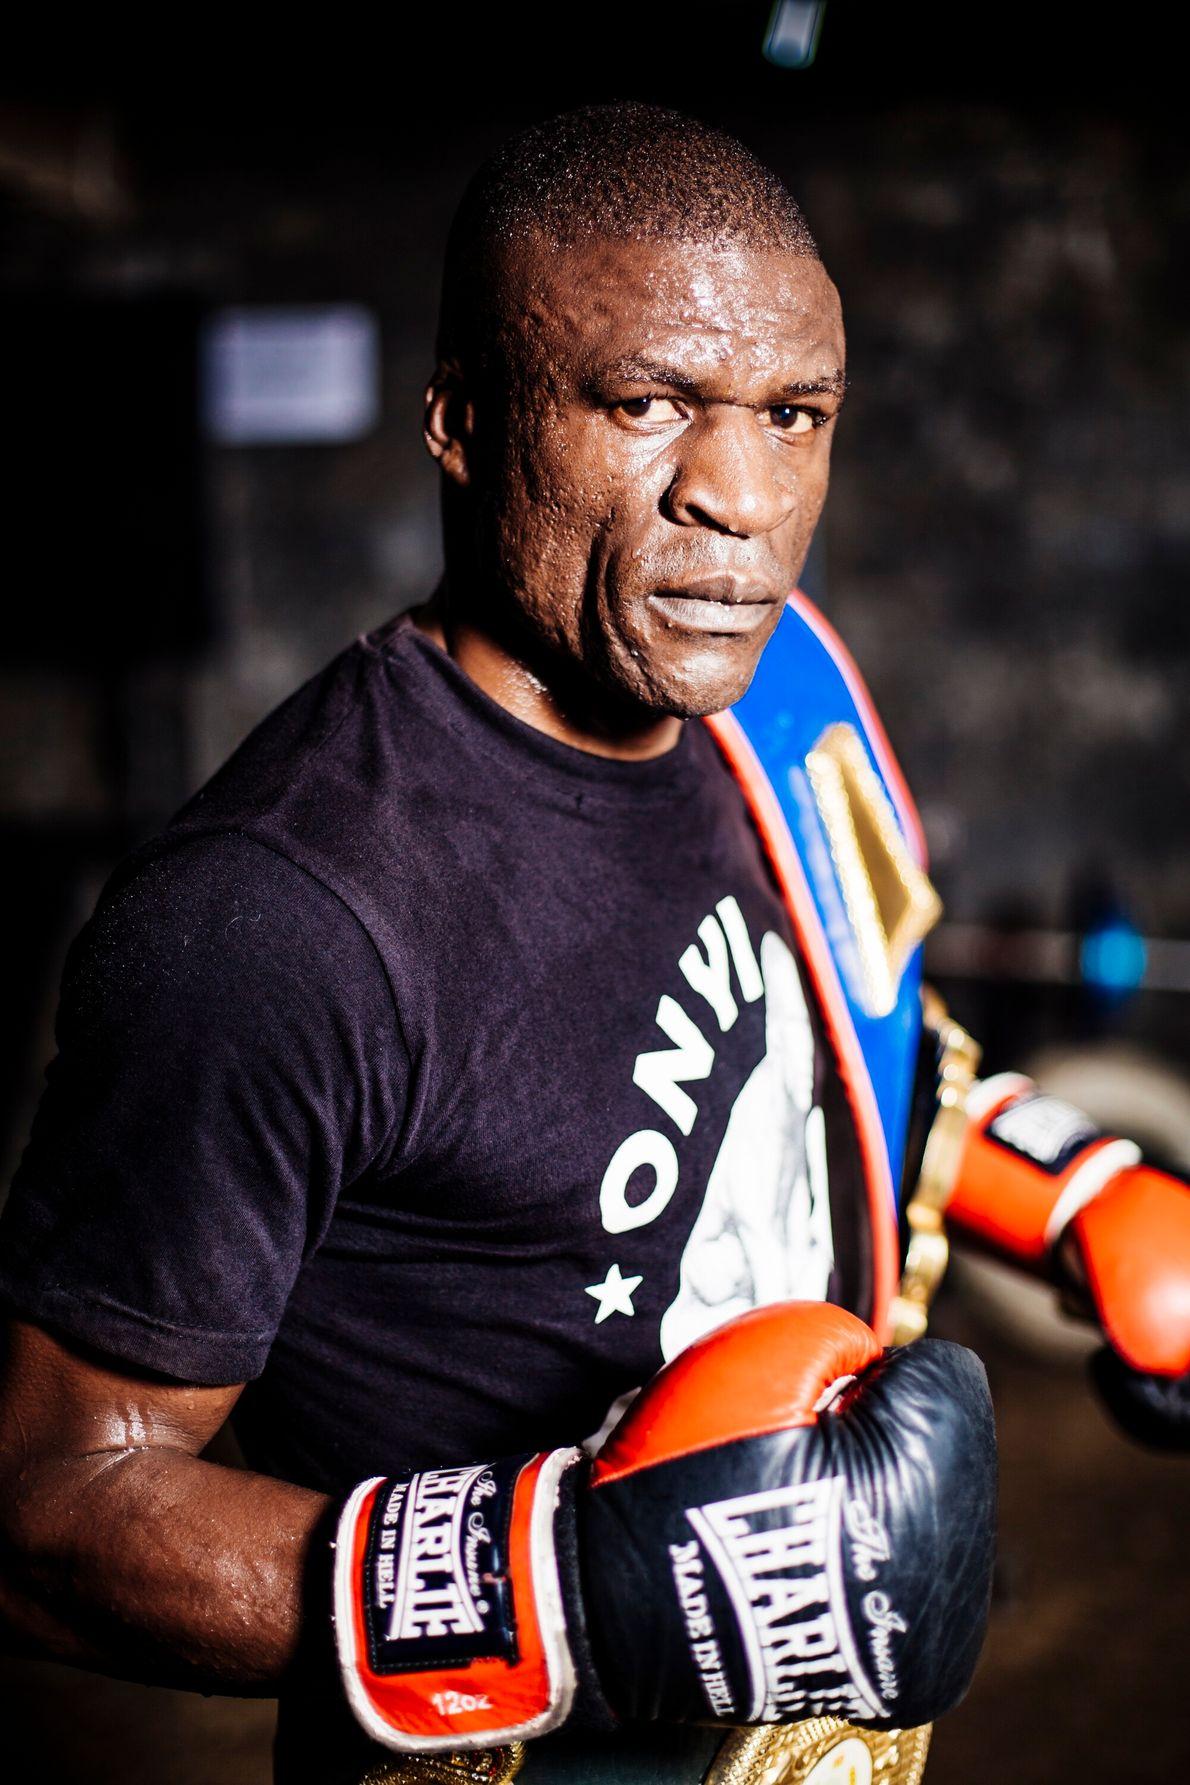 James Onyango est tombé amoureux de la boxe en voyant Moses Kinyua, également originaire de Kariobangi, remporter la médaille ...